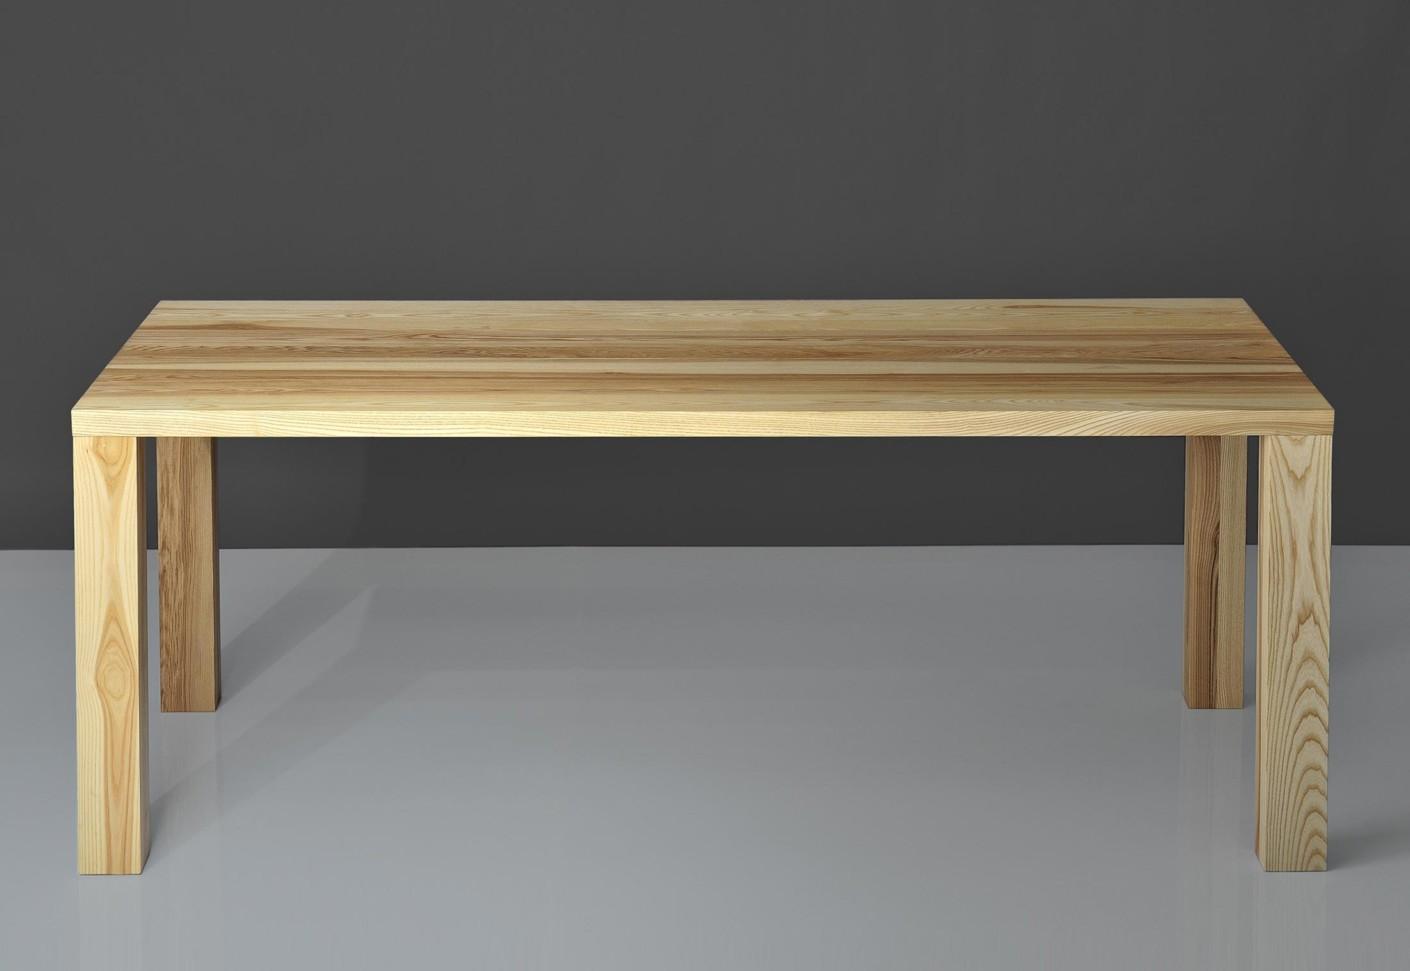 Iustus tisch von vitamin design stylepark for Tisch go vitamin design